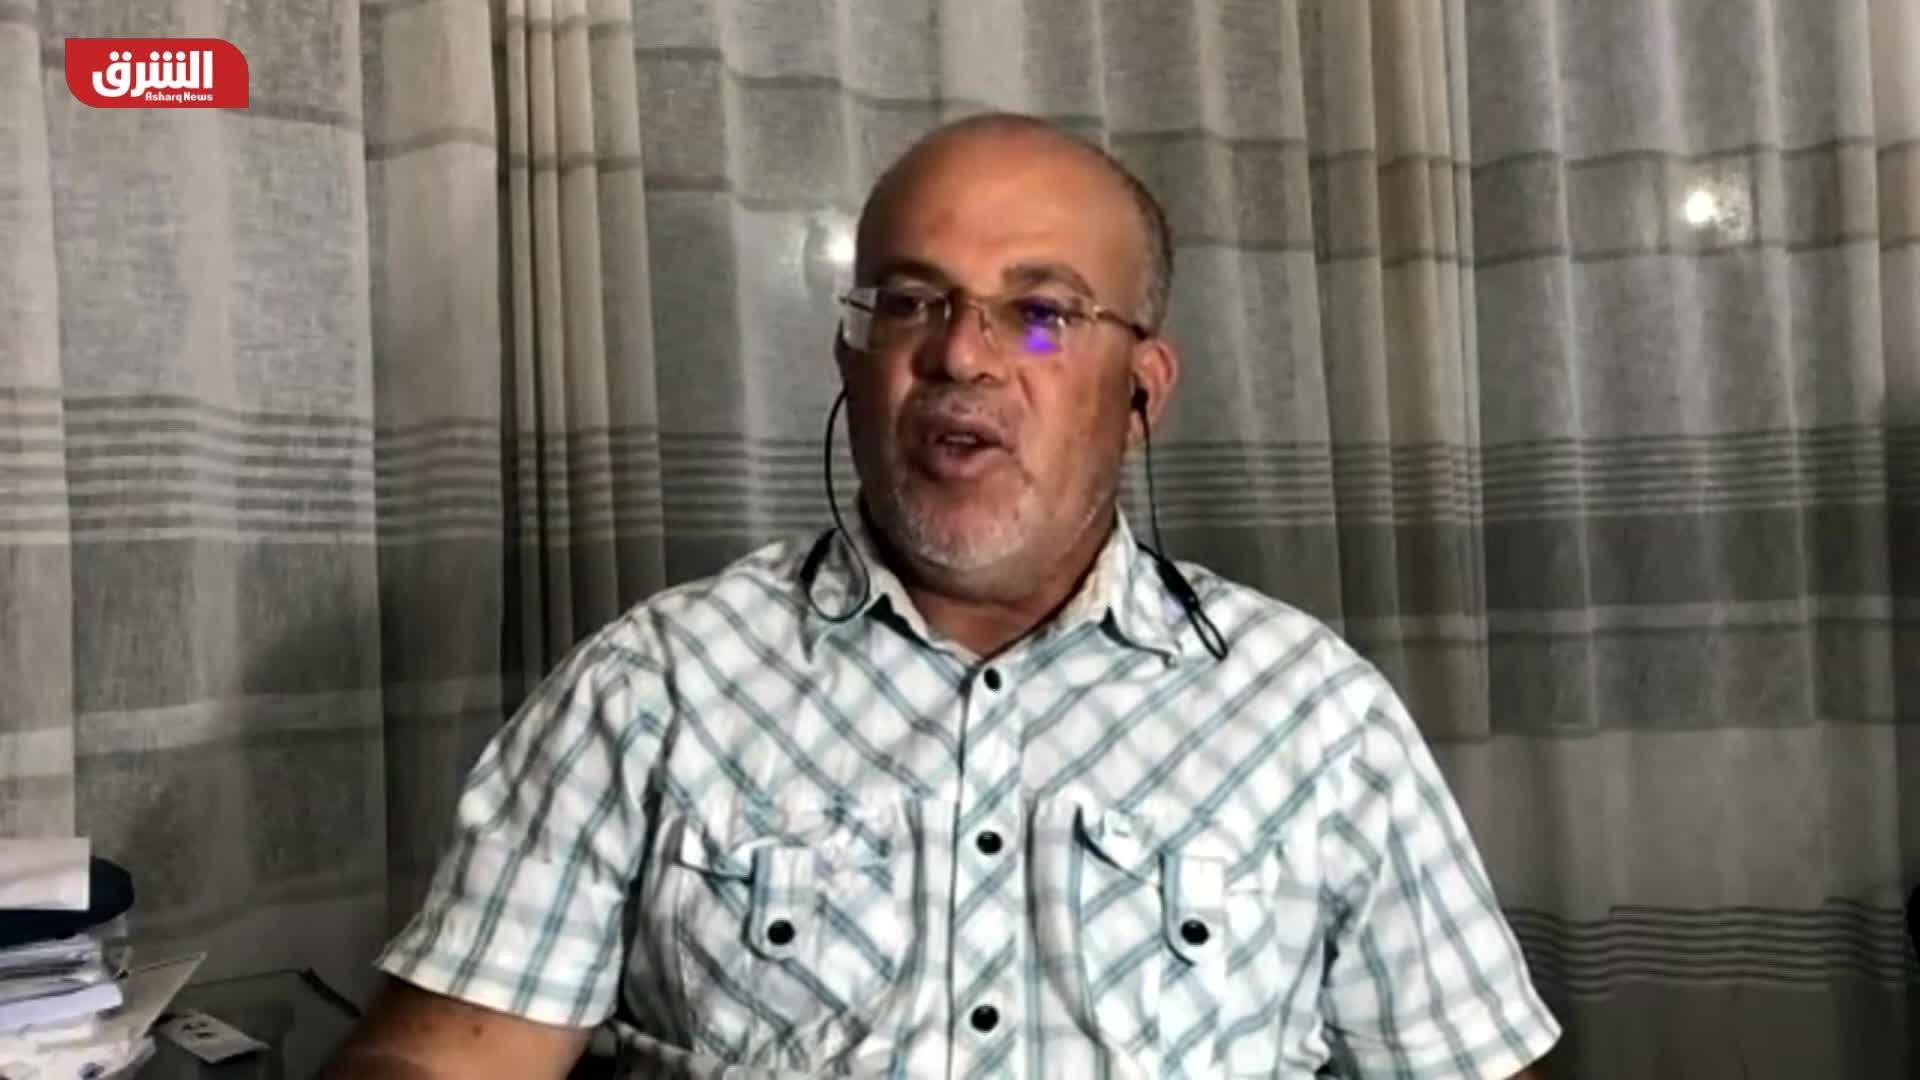 تونس.. تحقيق يستهدف 3 أحزاب بشبه تلقي تمويل أجنبي